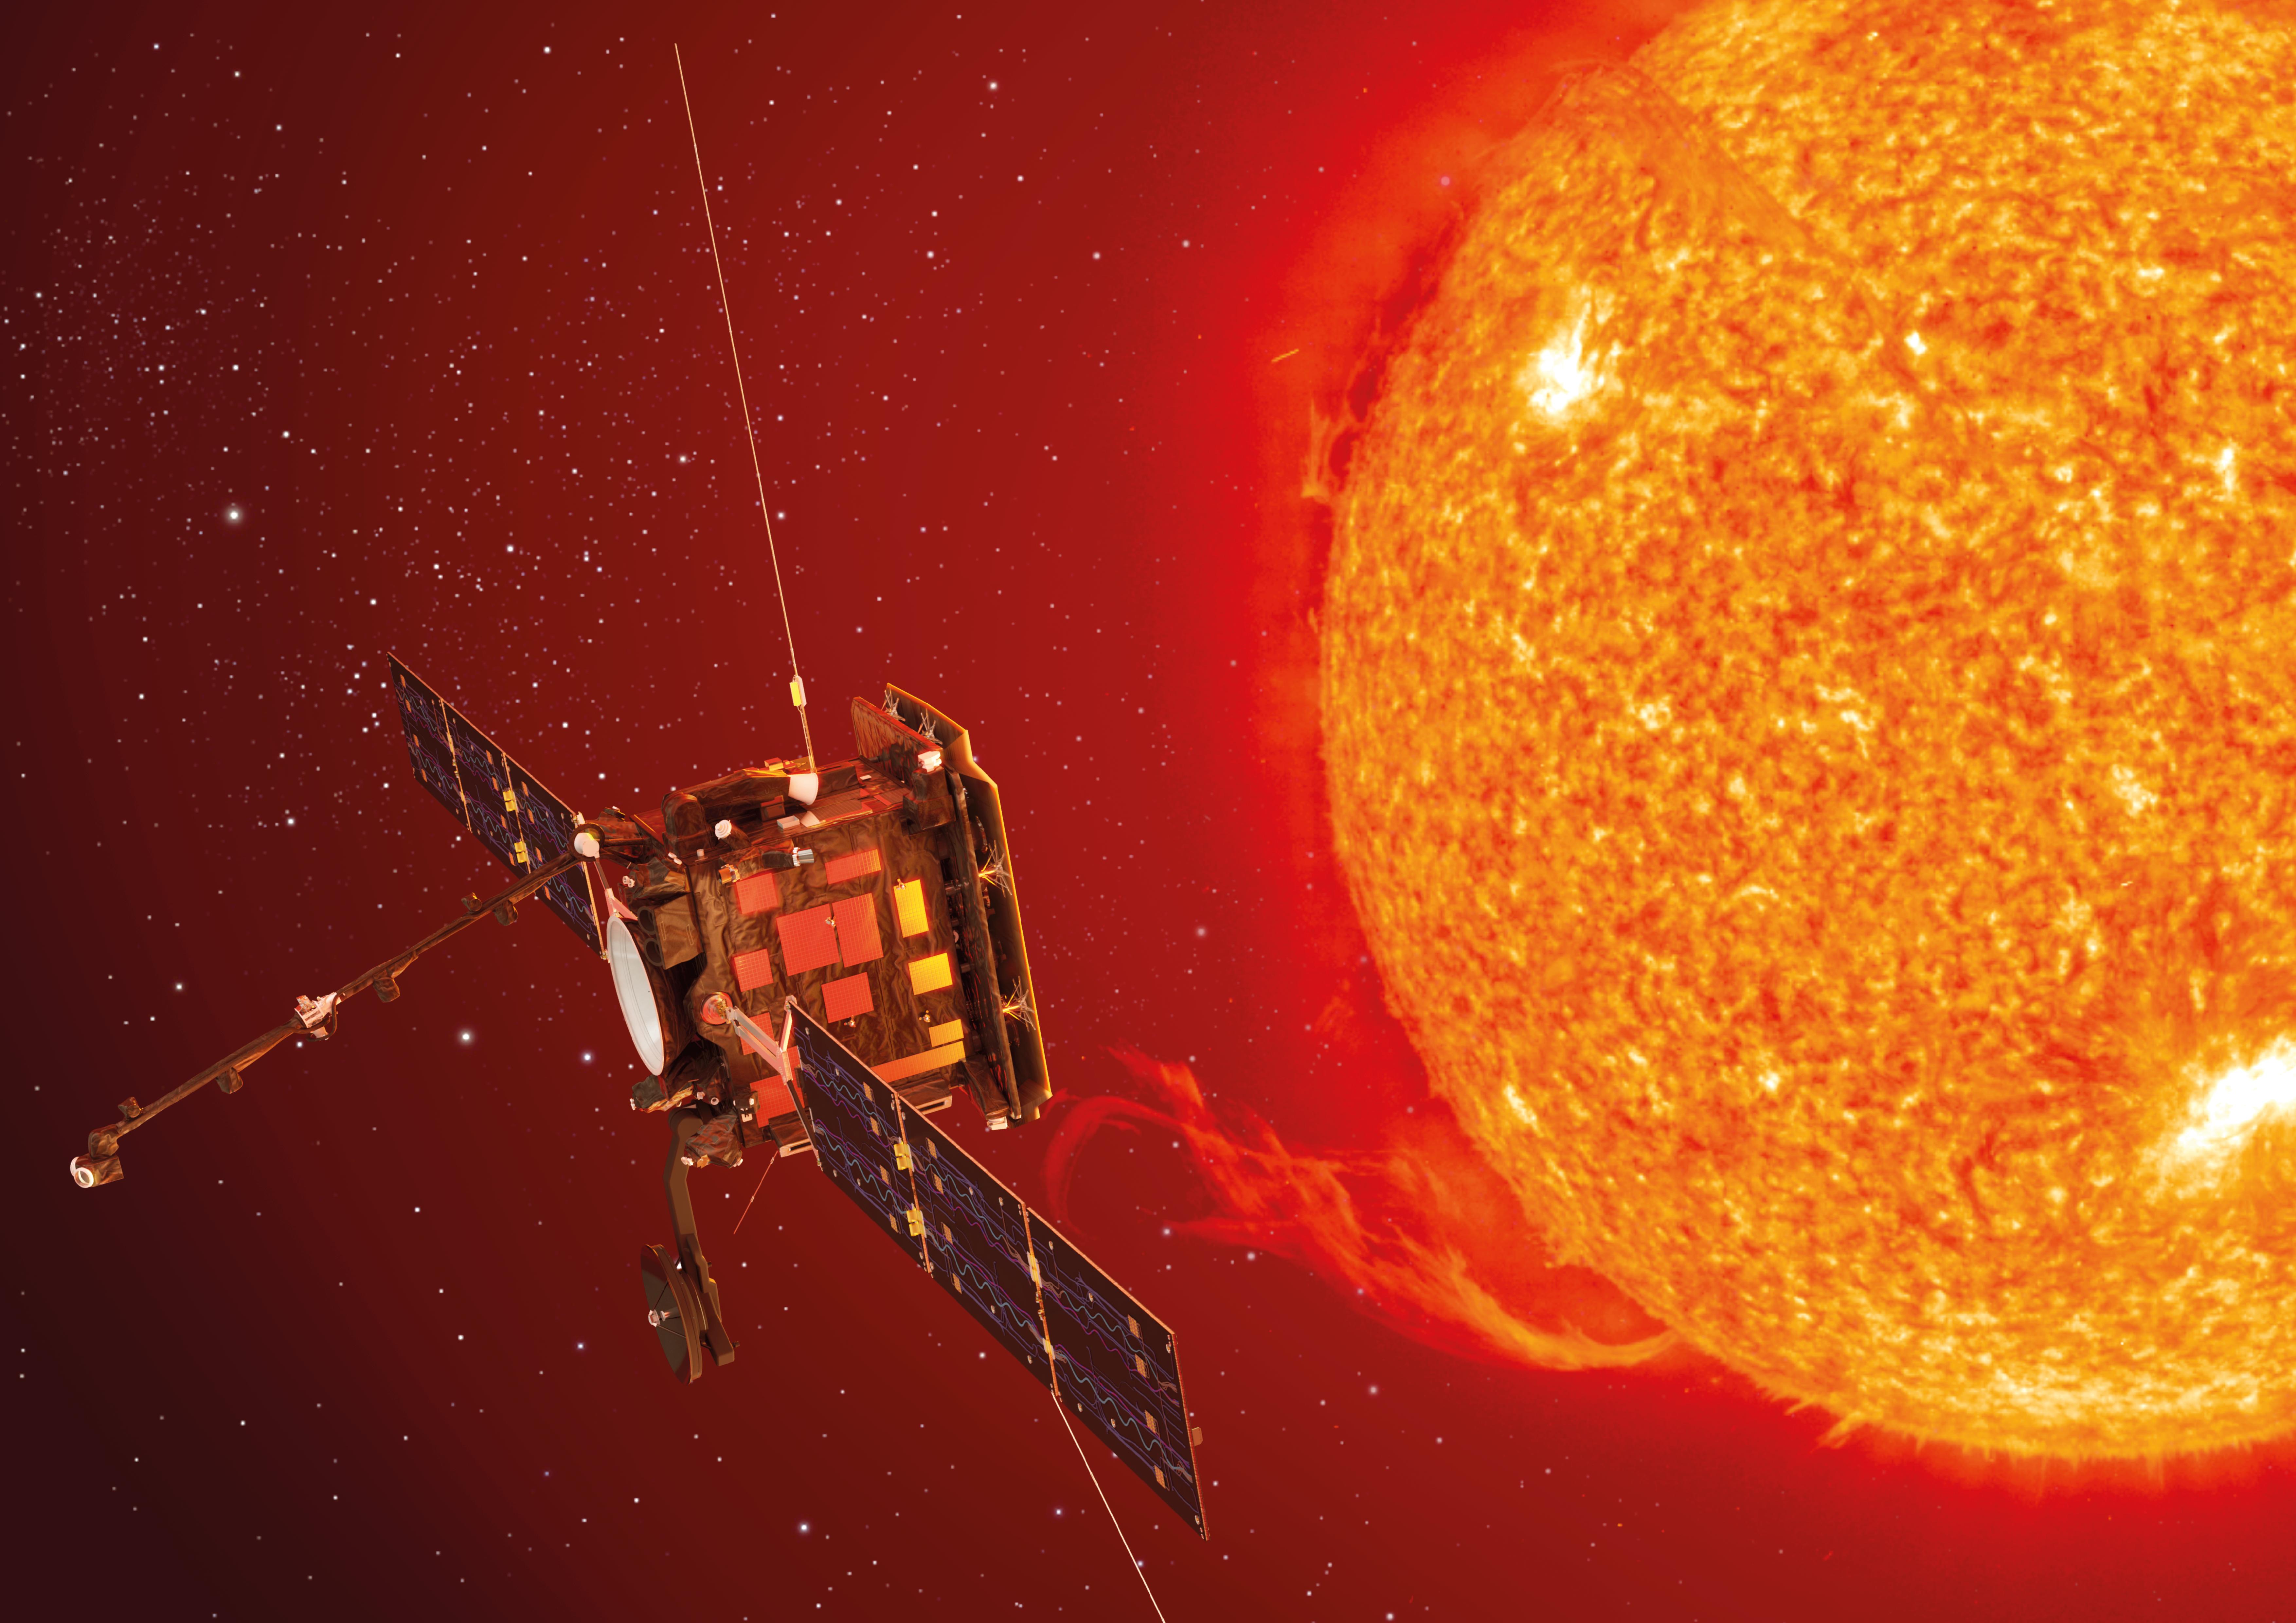 1567216394922-Poster_Solar_Orbiter_2014_no_text.jpg